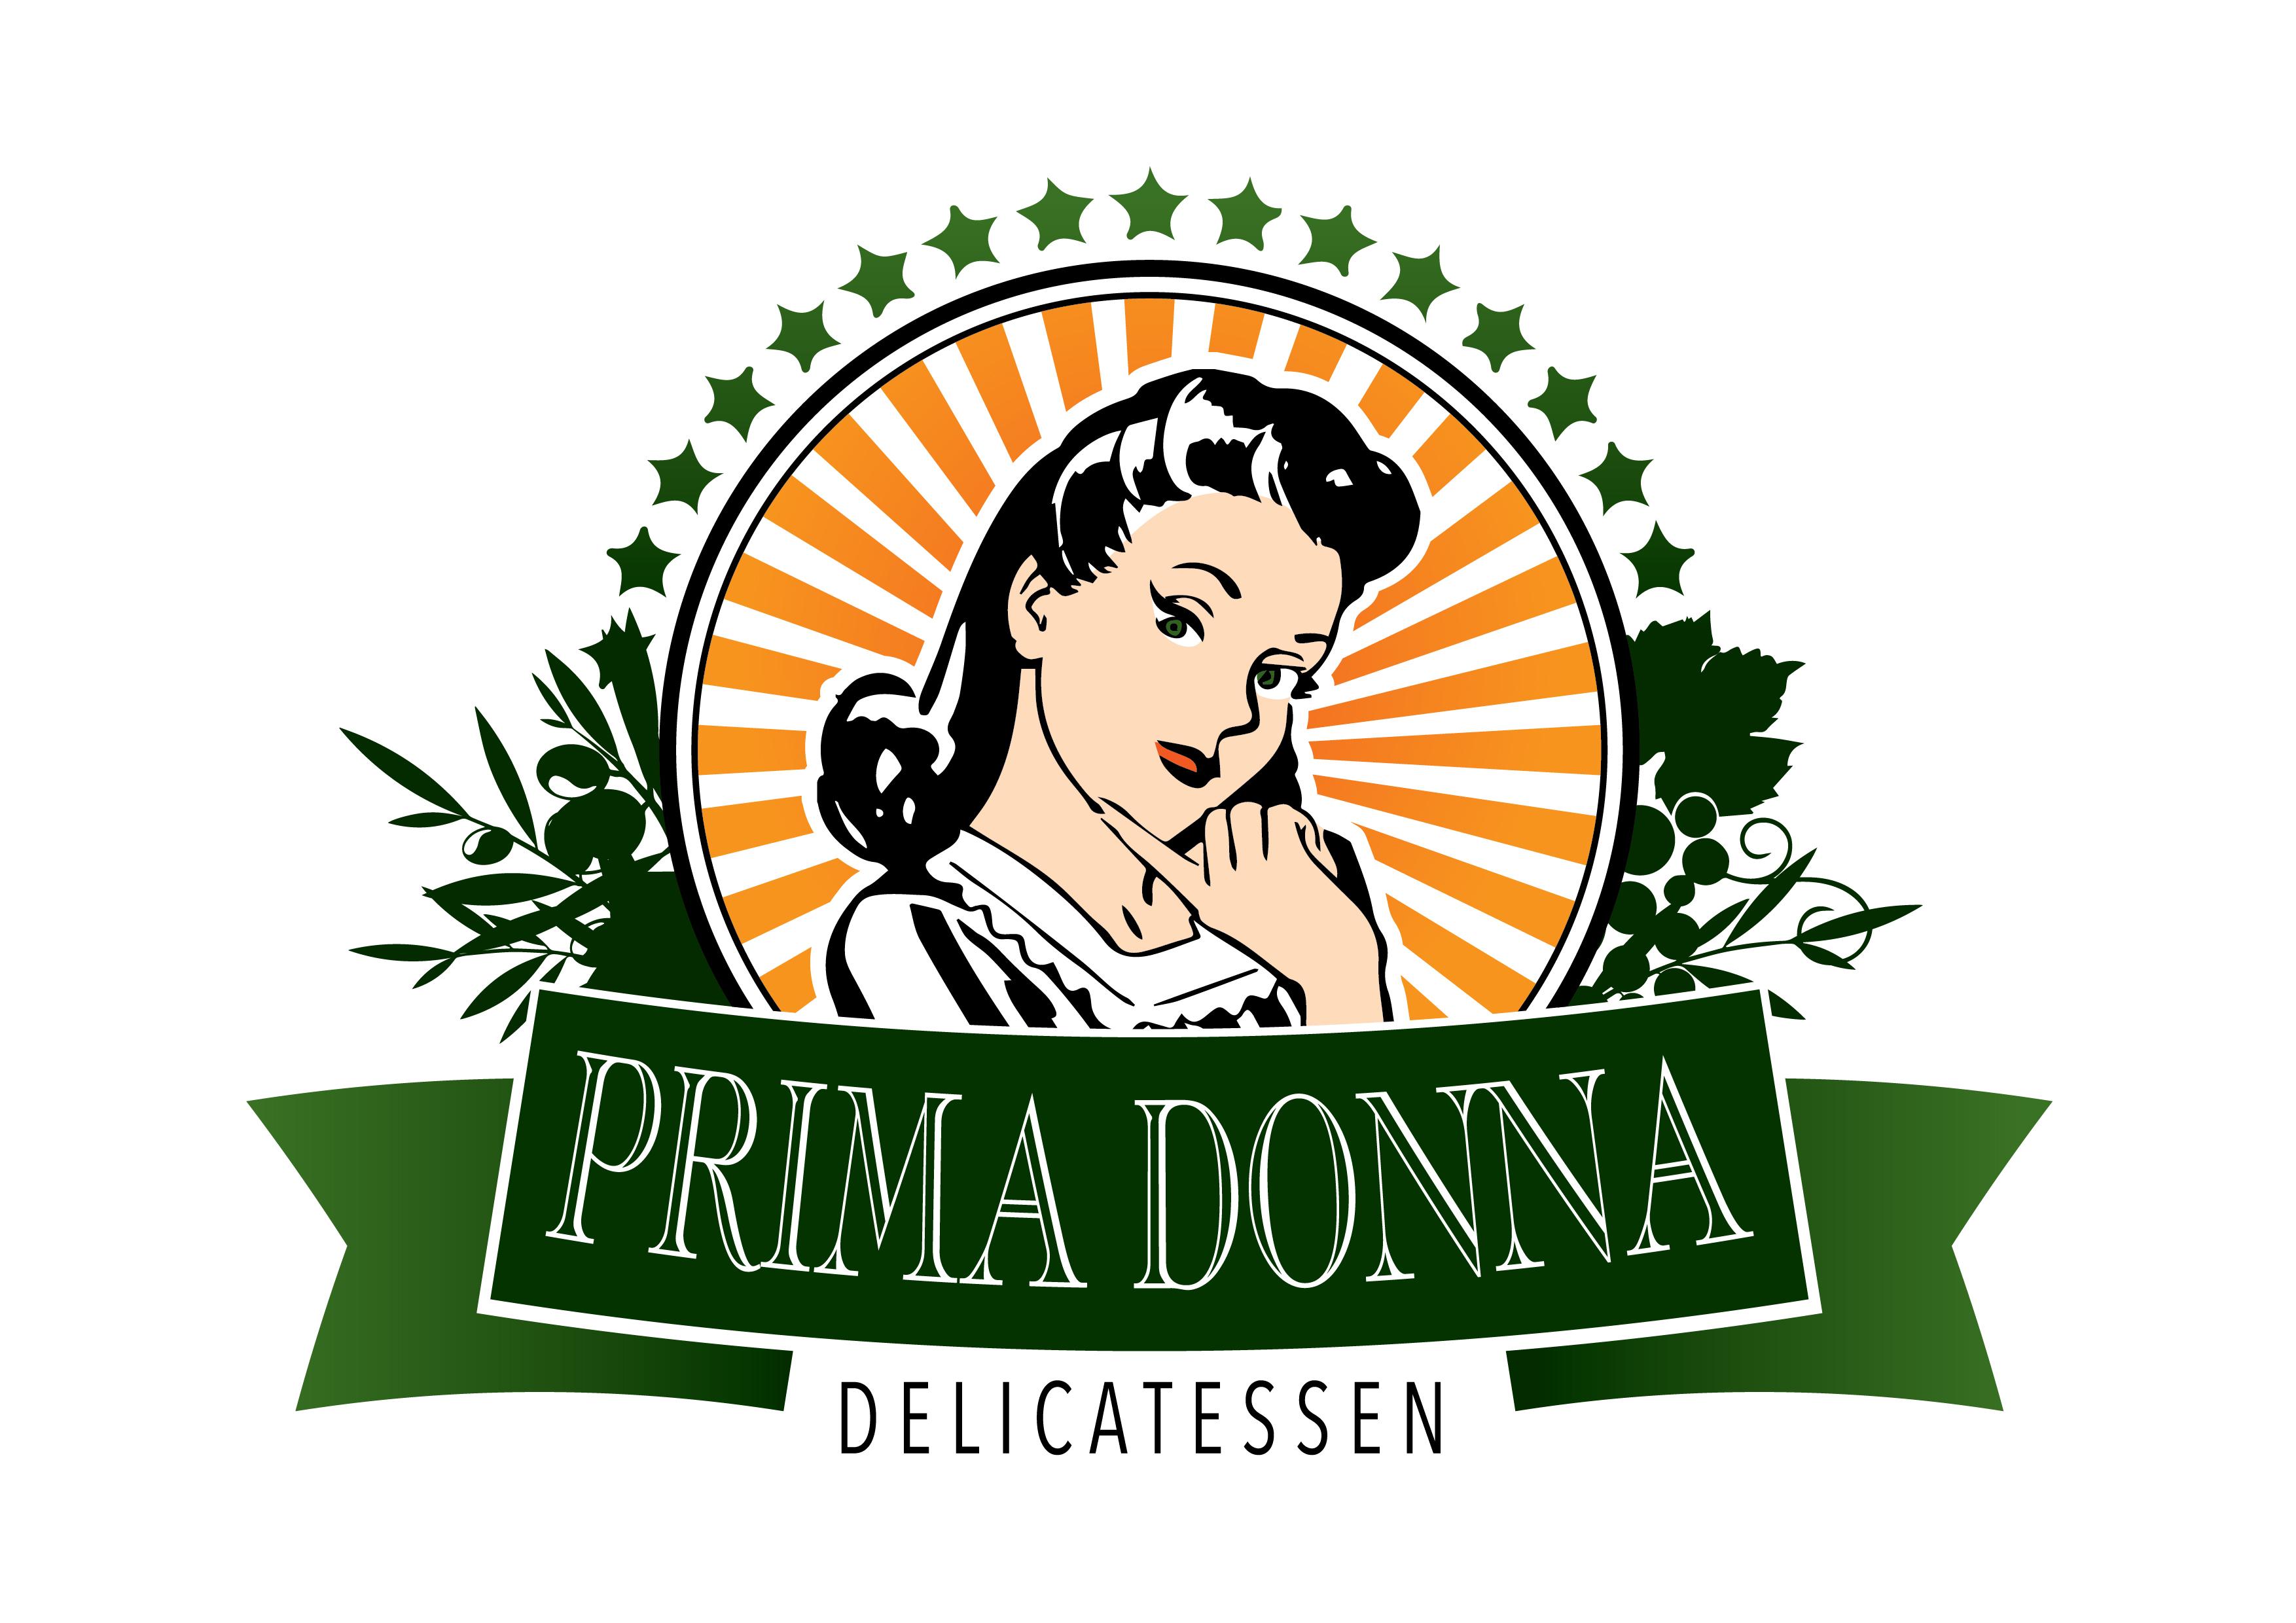 Prima Donna Delicatessen